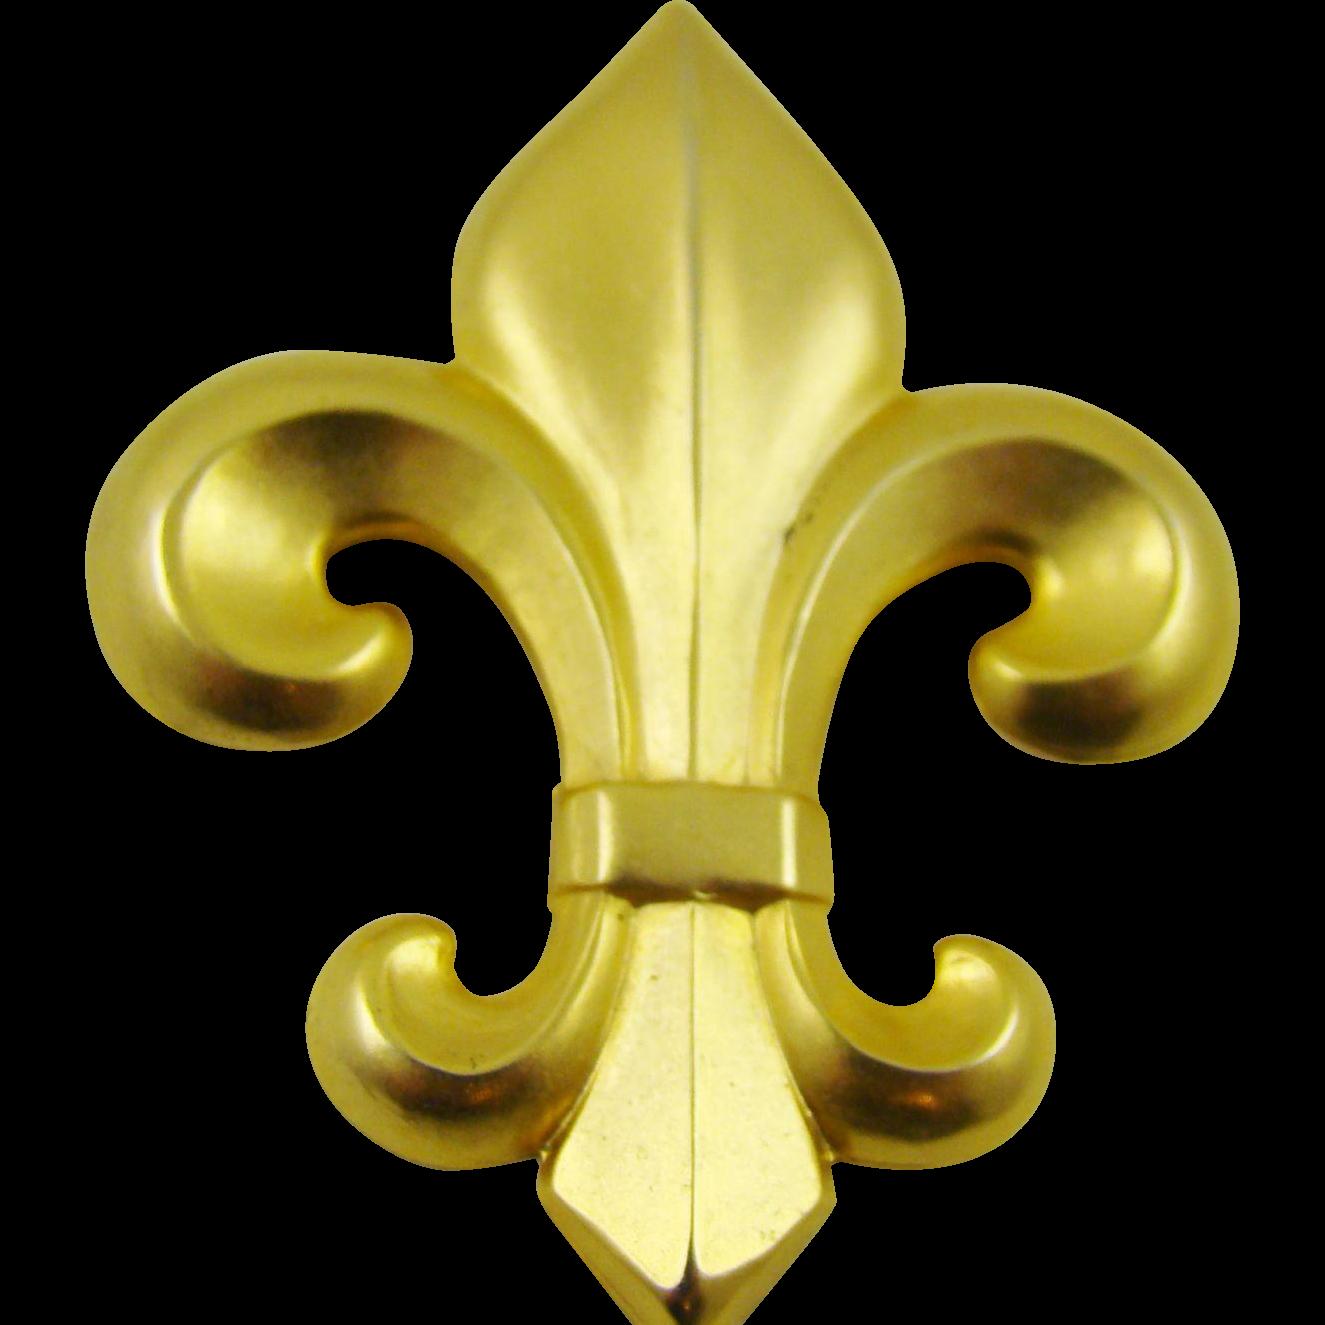 Large Satin Finished Gold Tone Fleur de Lis Brooch